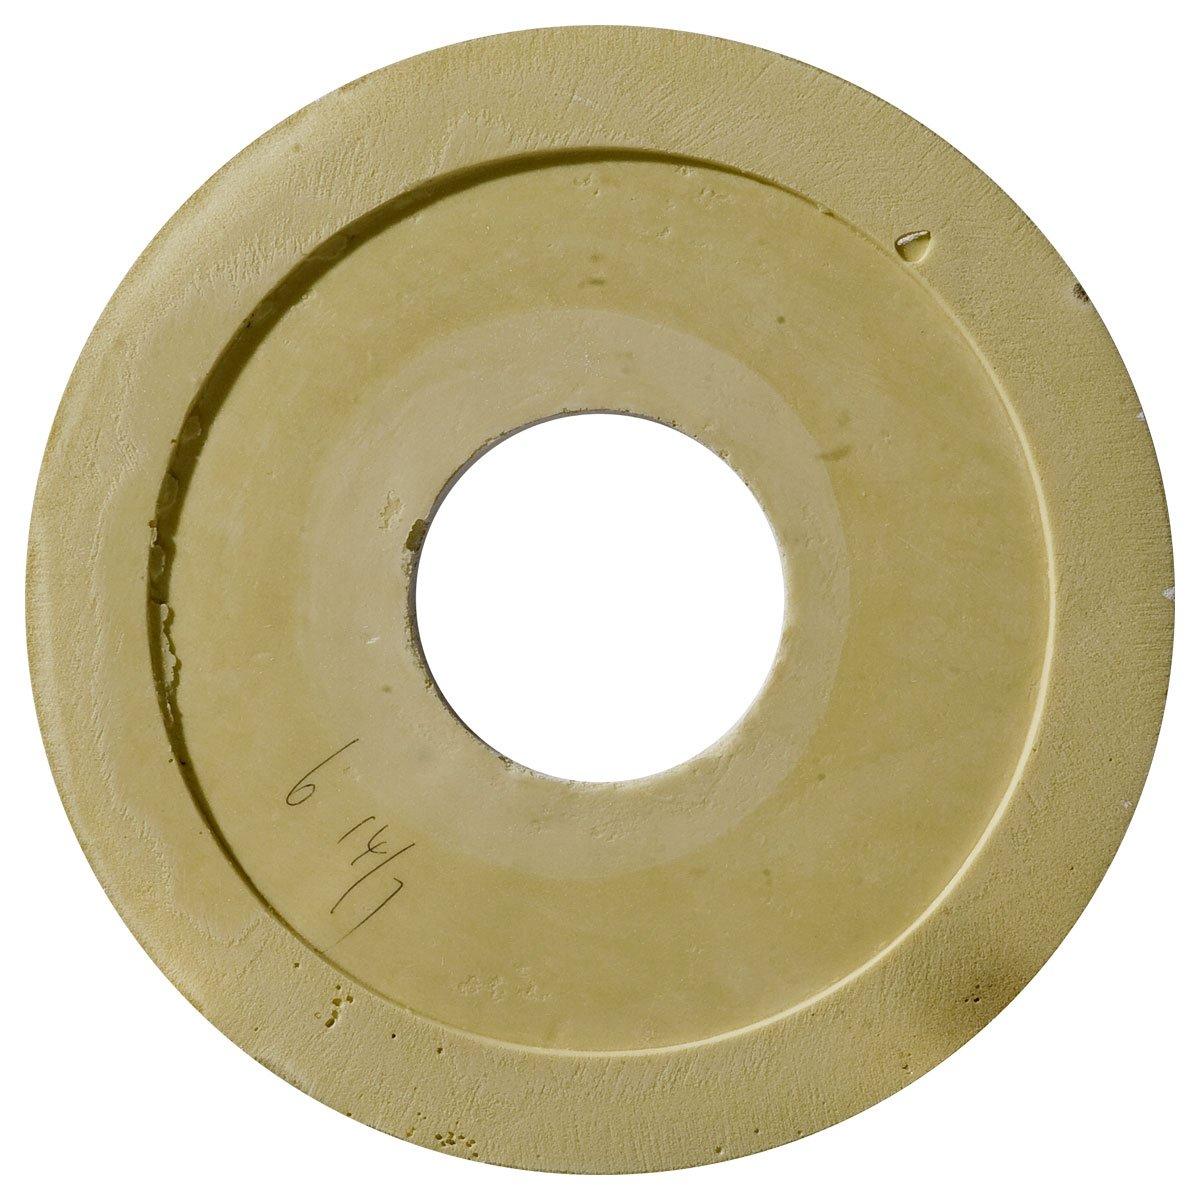 Ekena Millwork CM12BR 12 1/2-Inch OD x 3 7/8-Inch ID x 3/4-Inch Bradford Ceiling Medallion by Ekena Millwork (Image #4)